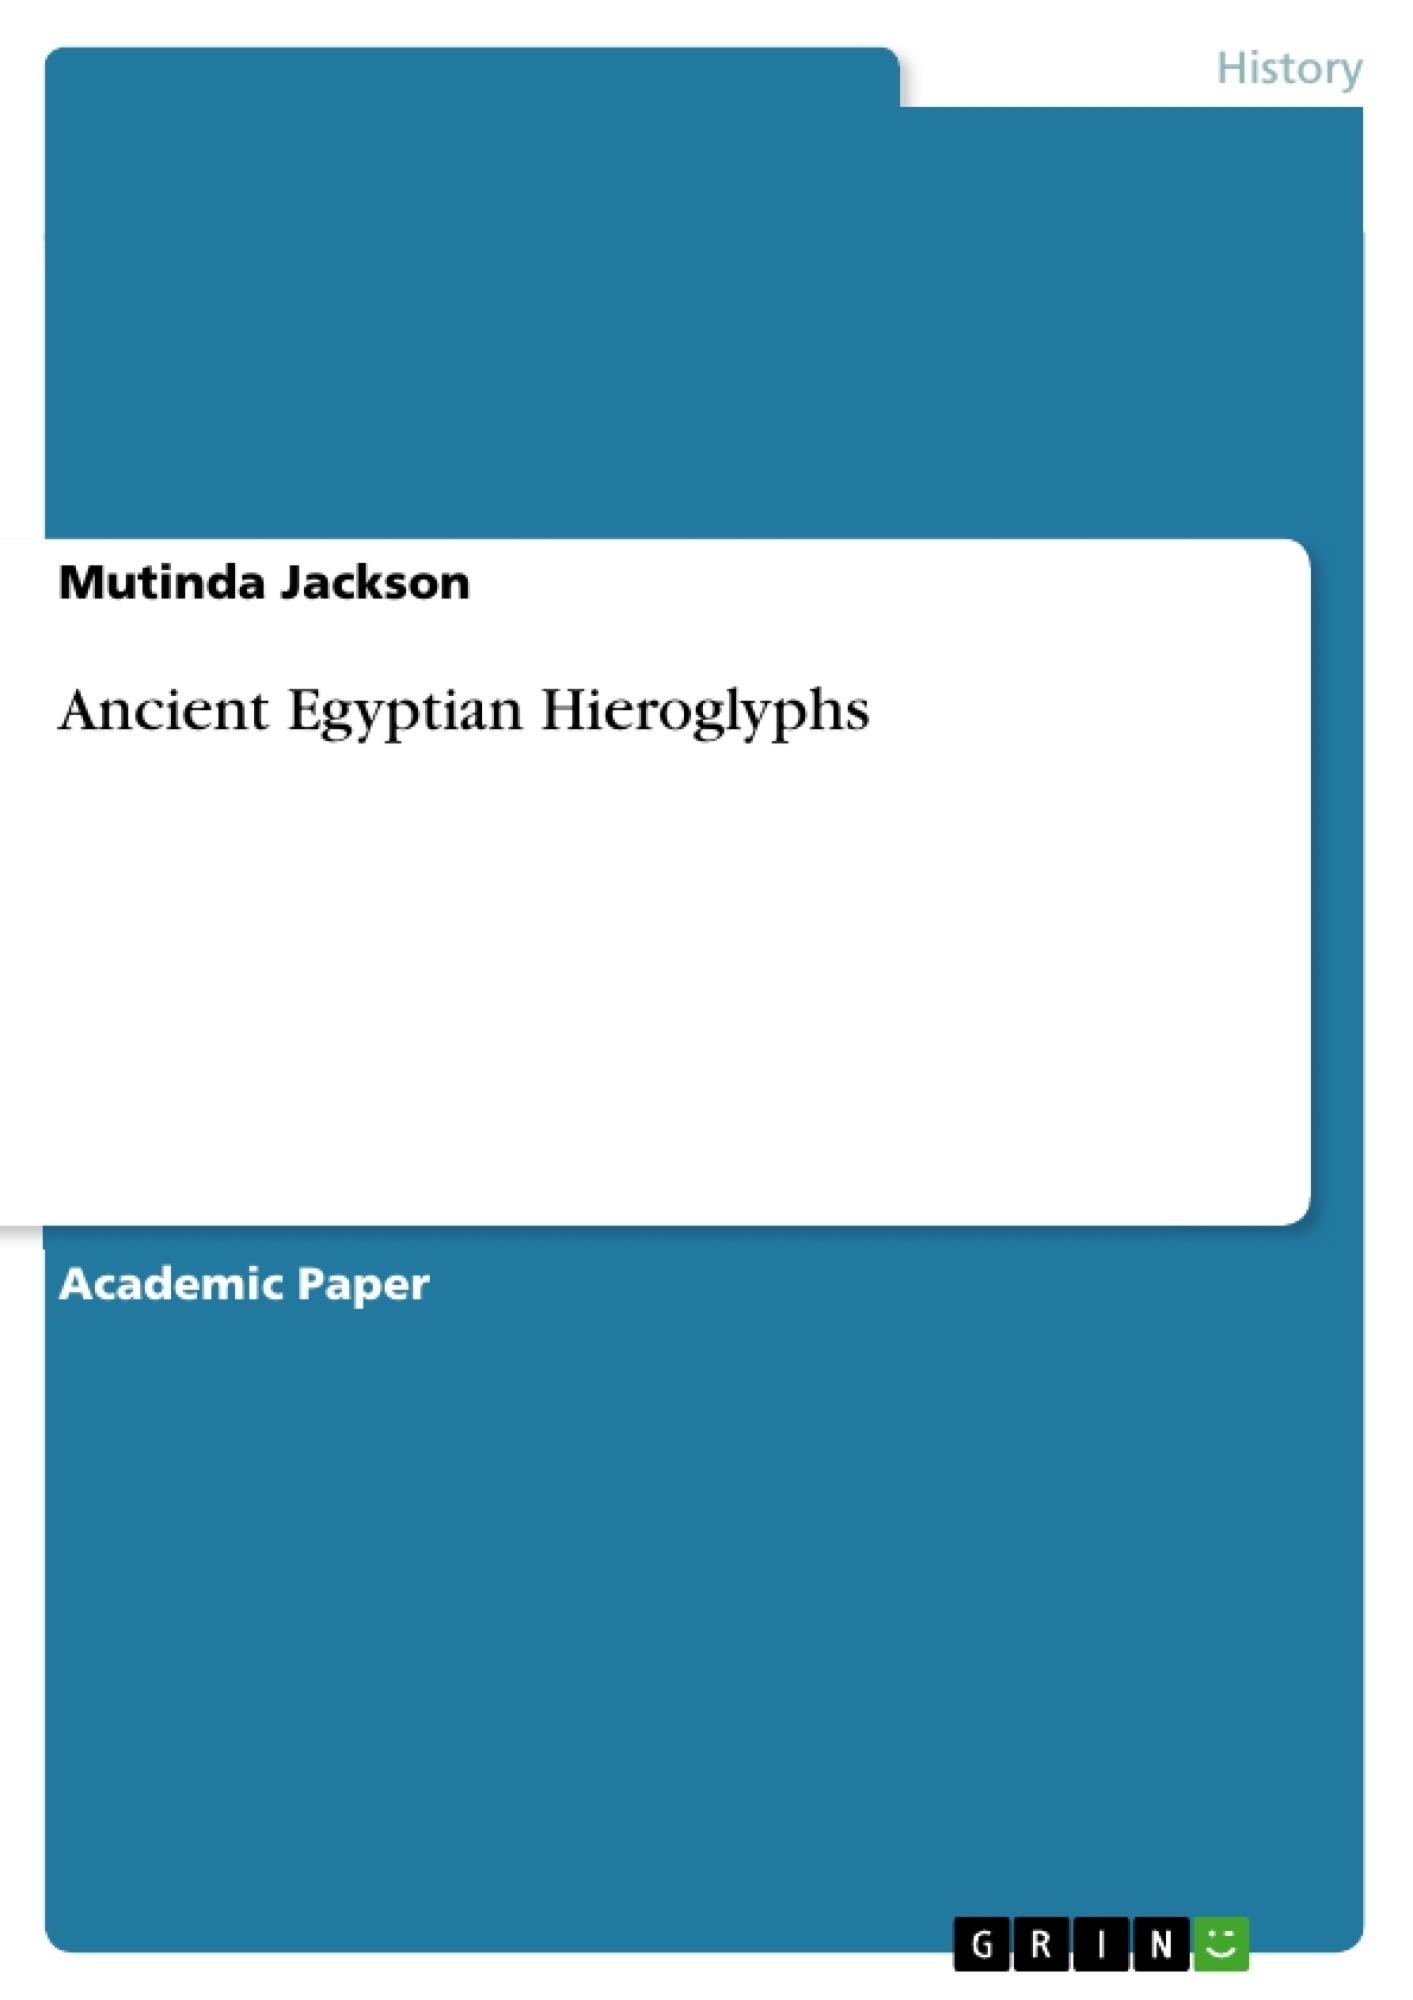 Title: Ancient Egyptian Hieroglyphs